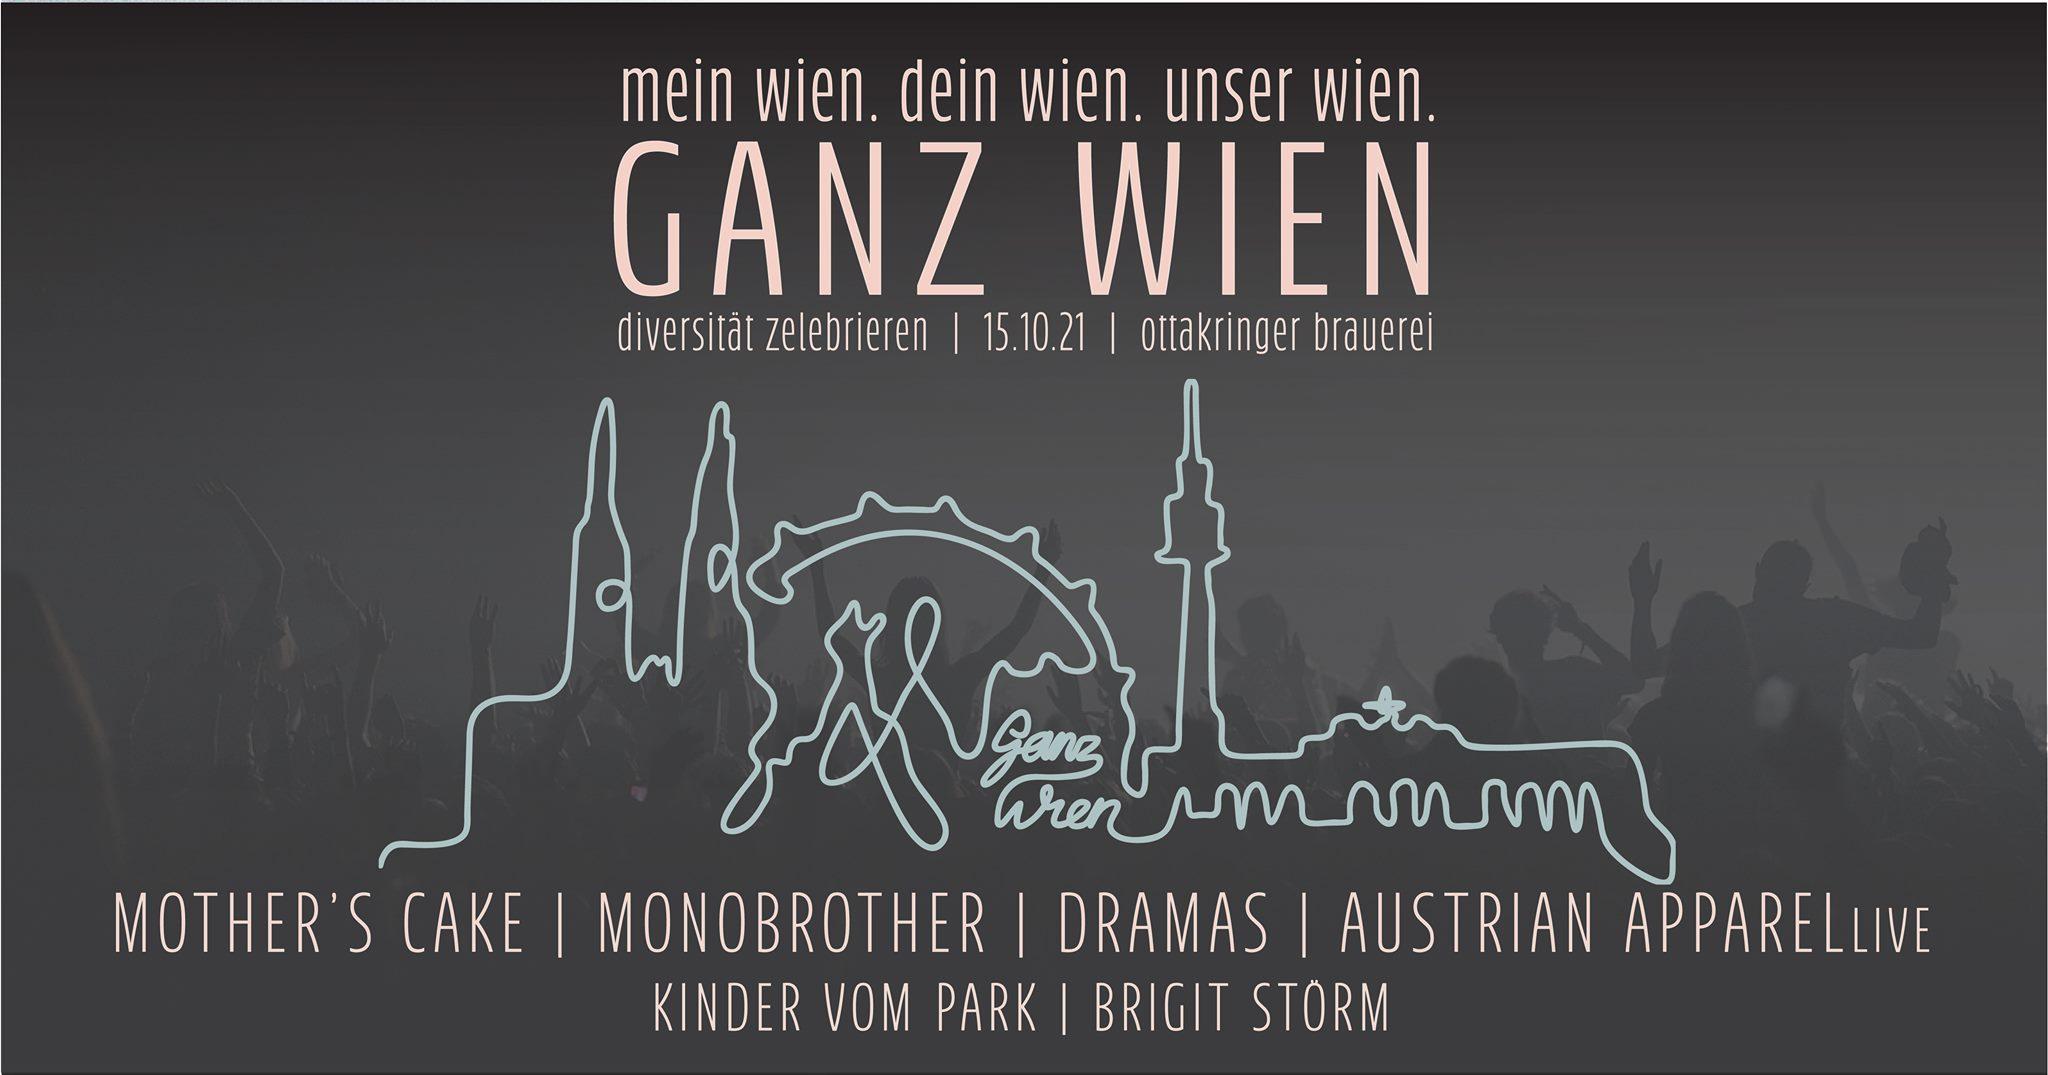 Events Wien: Ganz Wien